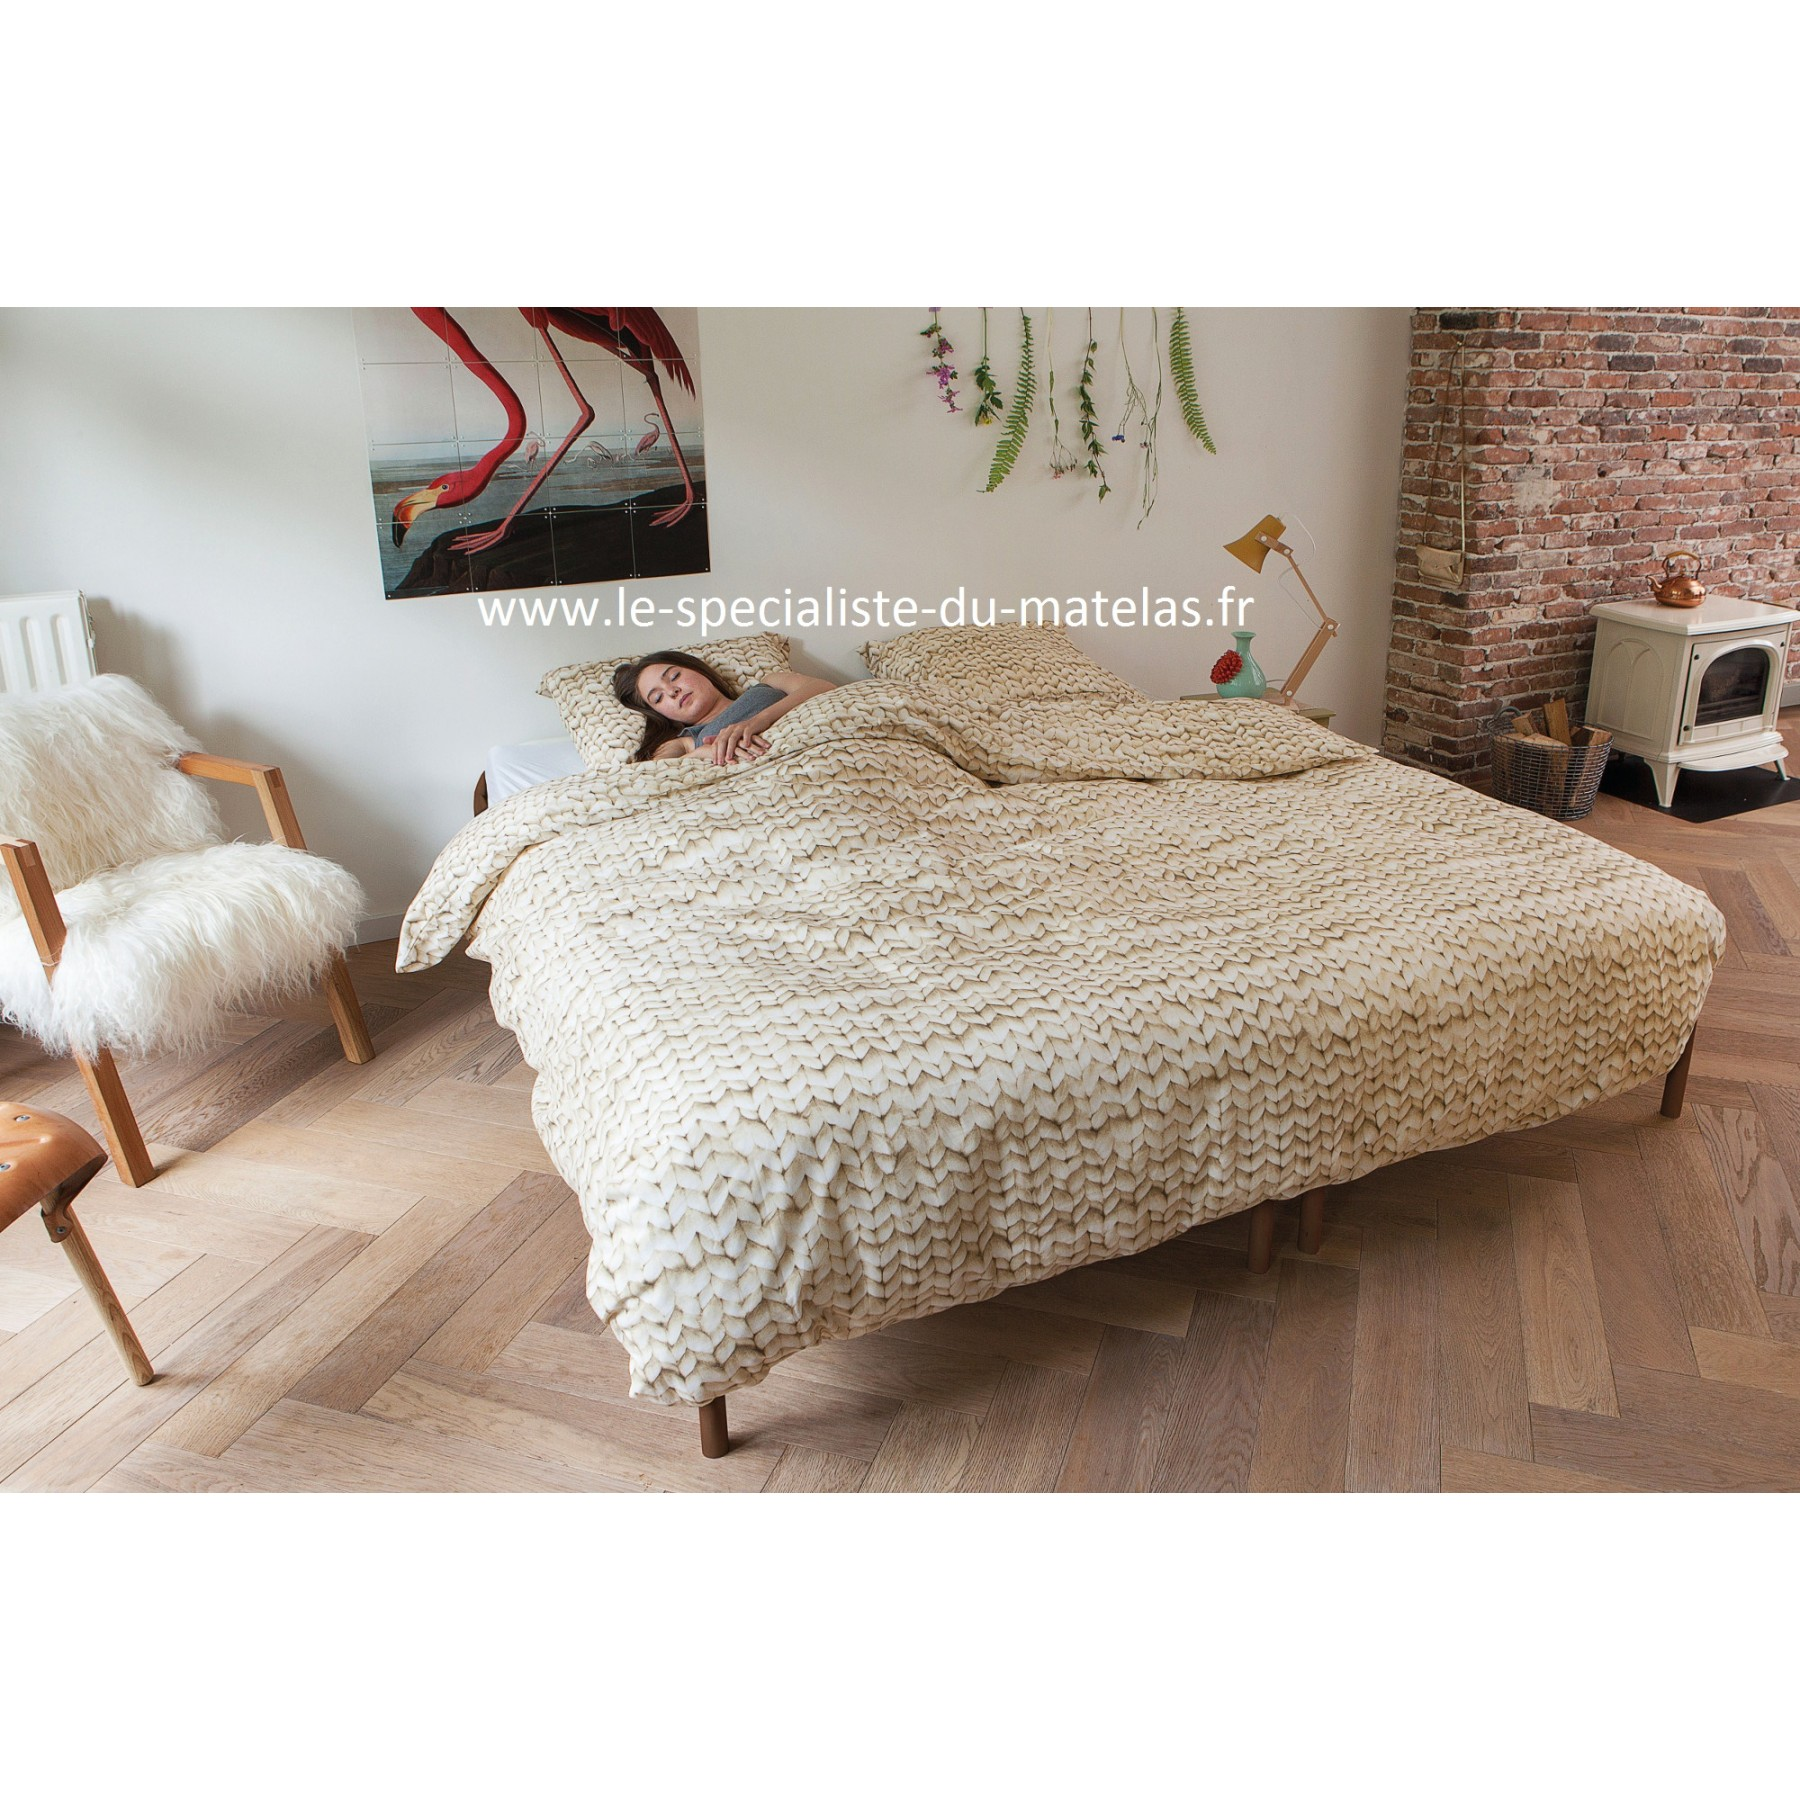 housse de couette trompe l 39 oeil snurk laine d couvrir au le sp cialiste du matelas. Black Bedroom Furniture Sets. Home Design Ideas